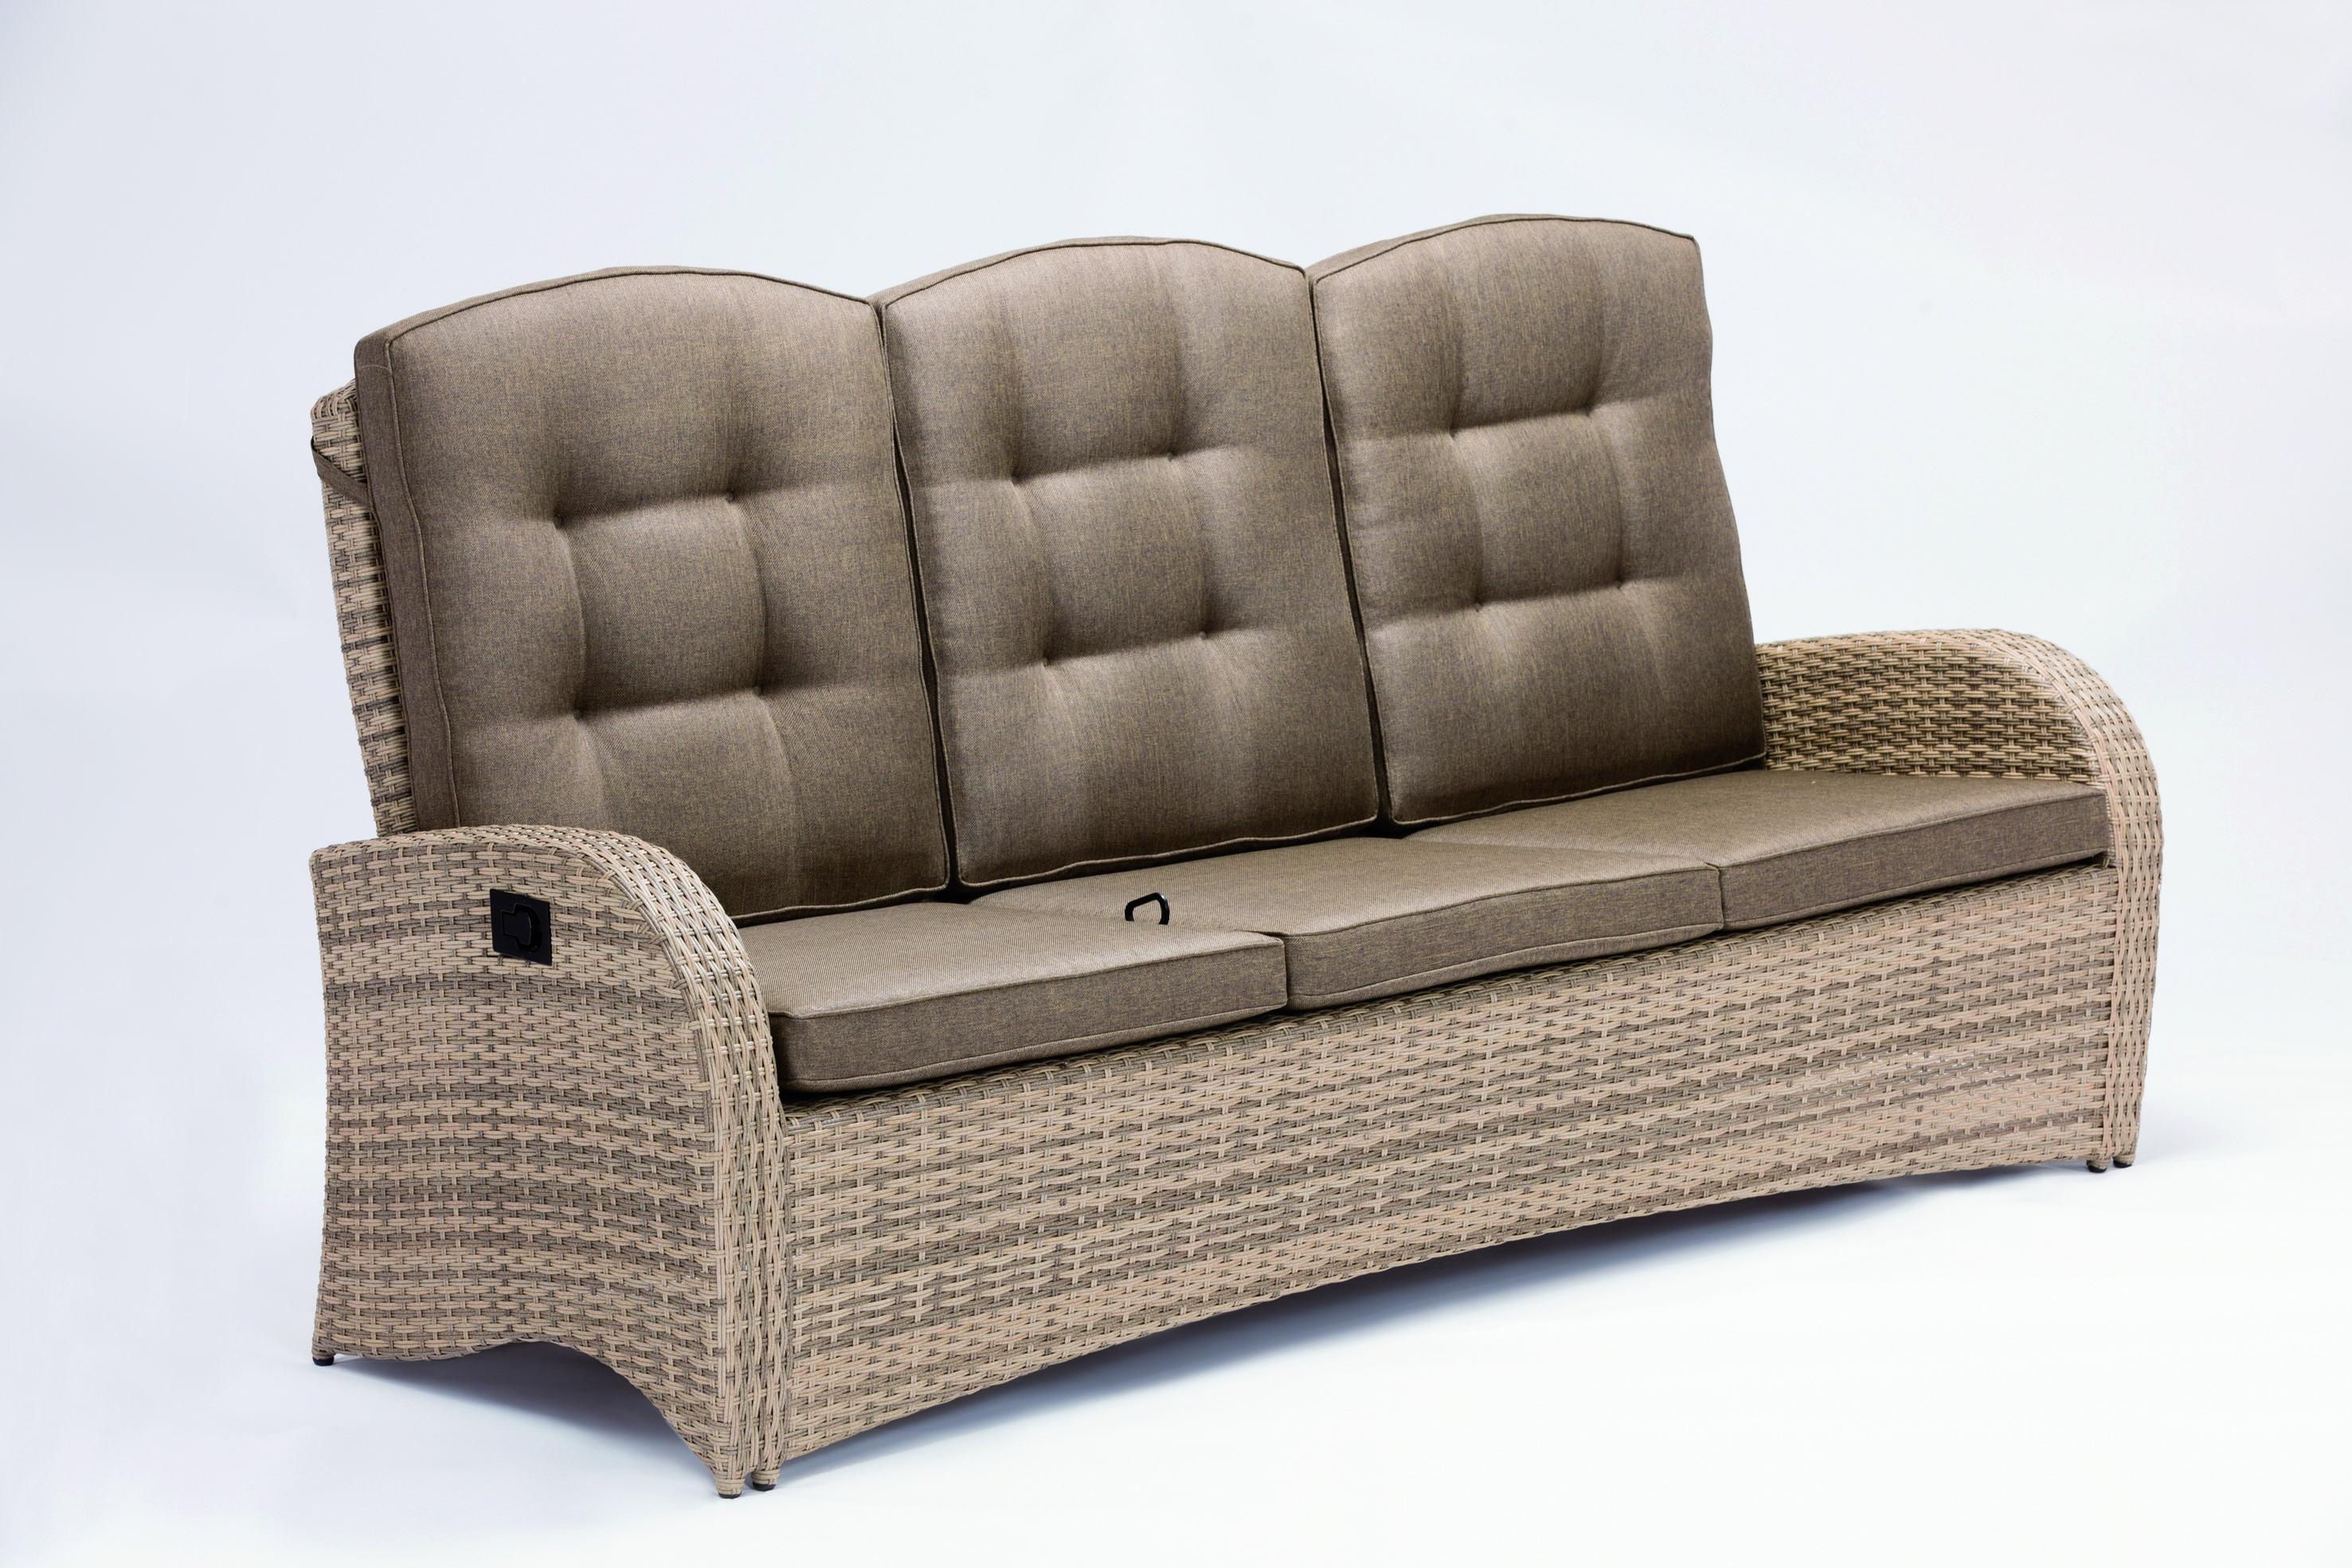 3er Sofa Aus Der Turin Serie Aus Polyrattan Gartenmobel Gartensofa Garten Terrasse Wintergarten Couch So Furniture Rattan Furniture Set Rattan Furniture